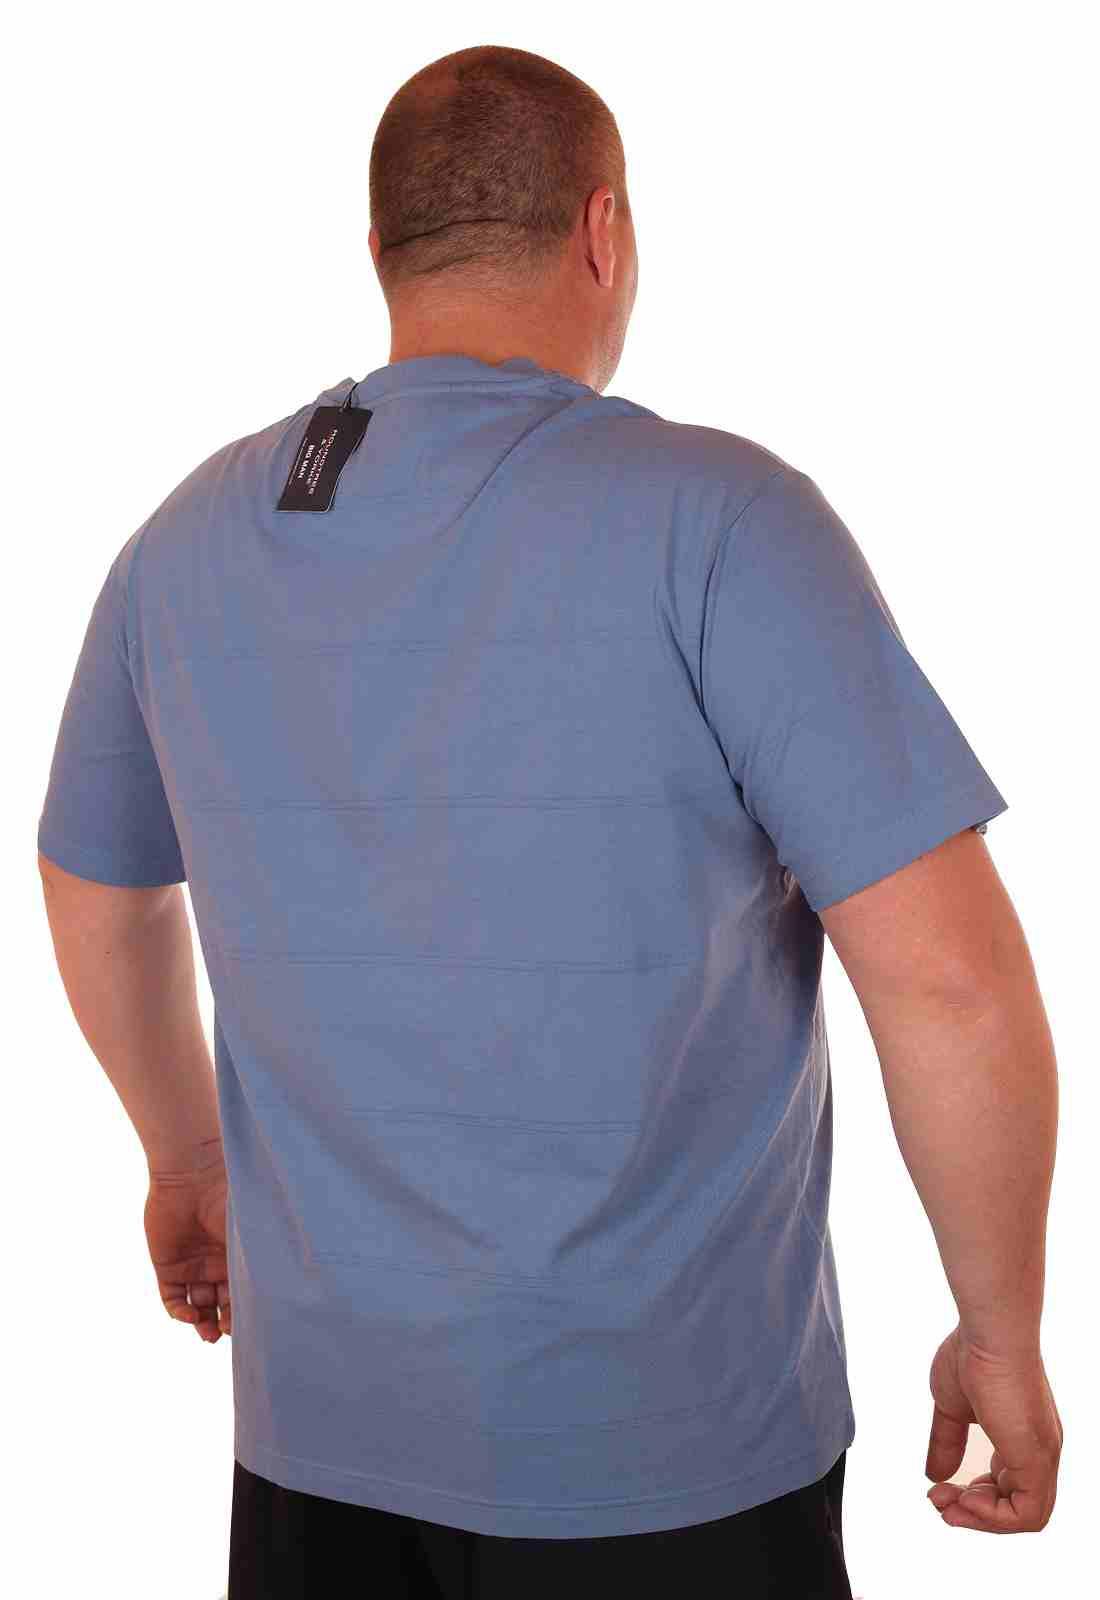 Повседневная футболка больших размеров (батал) от Roundtree & Yorke (США)-сзади